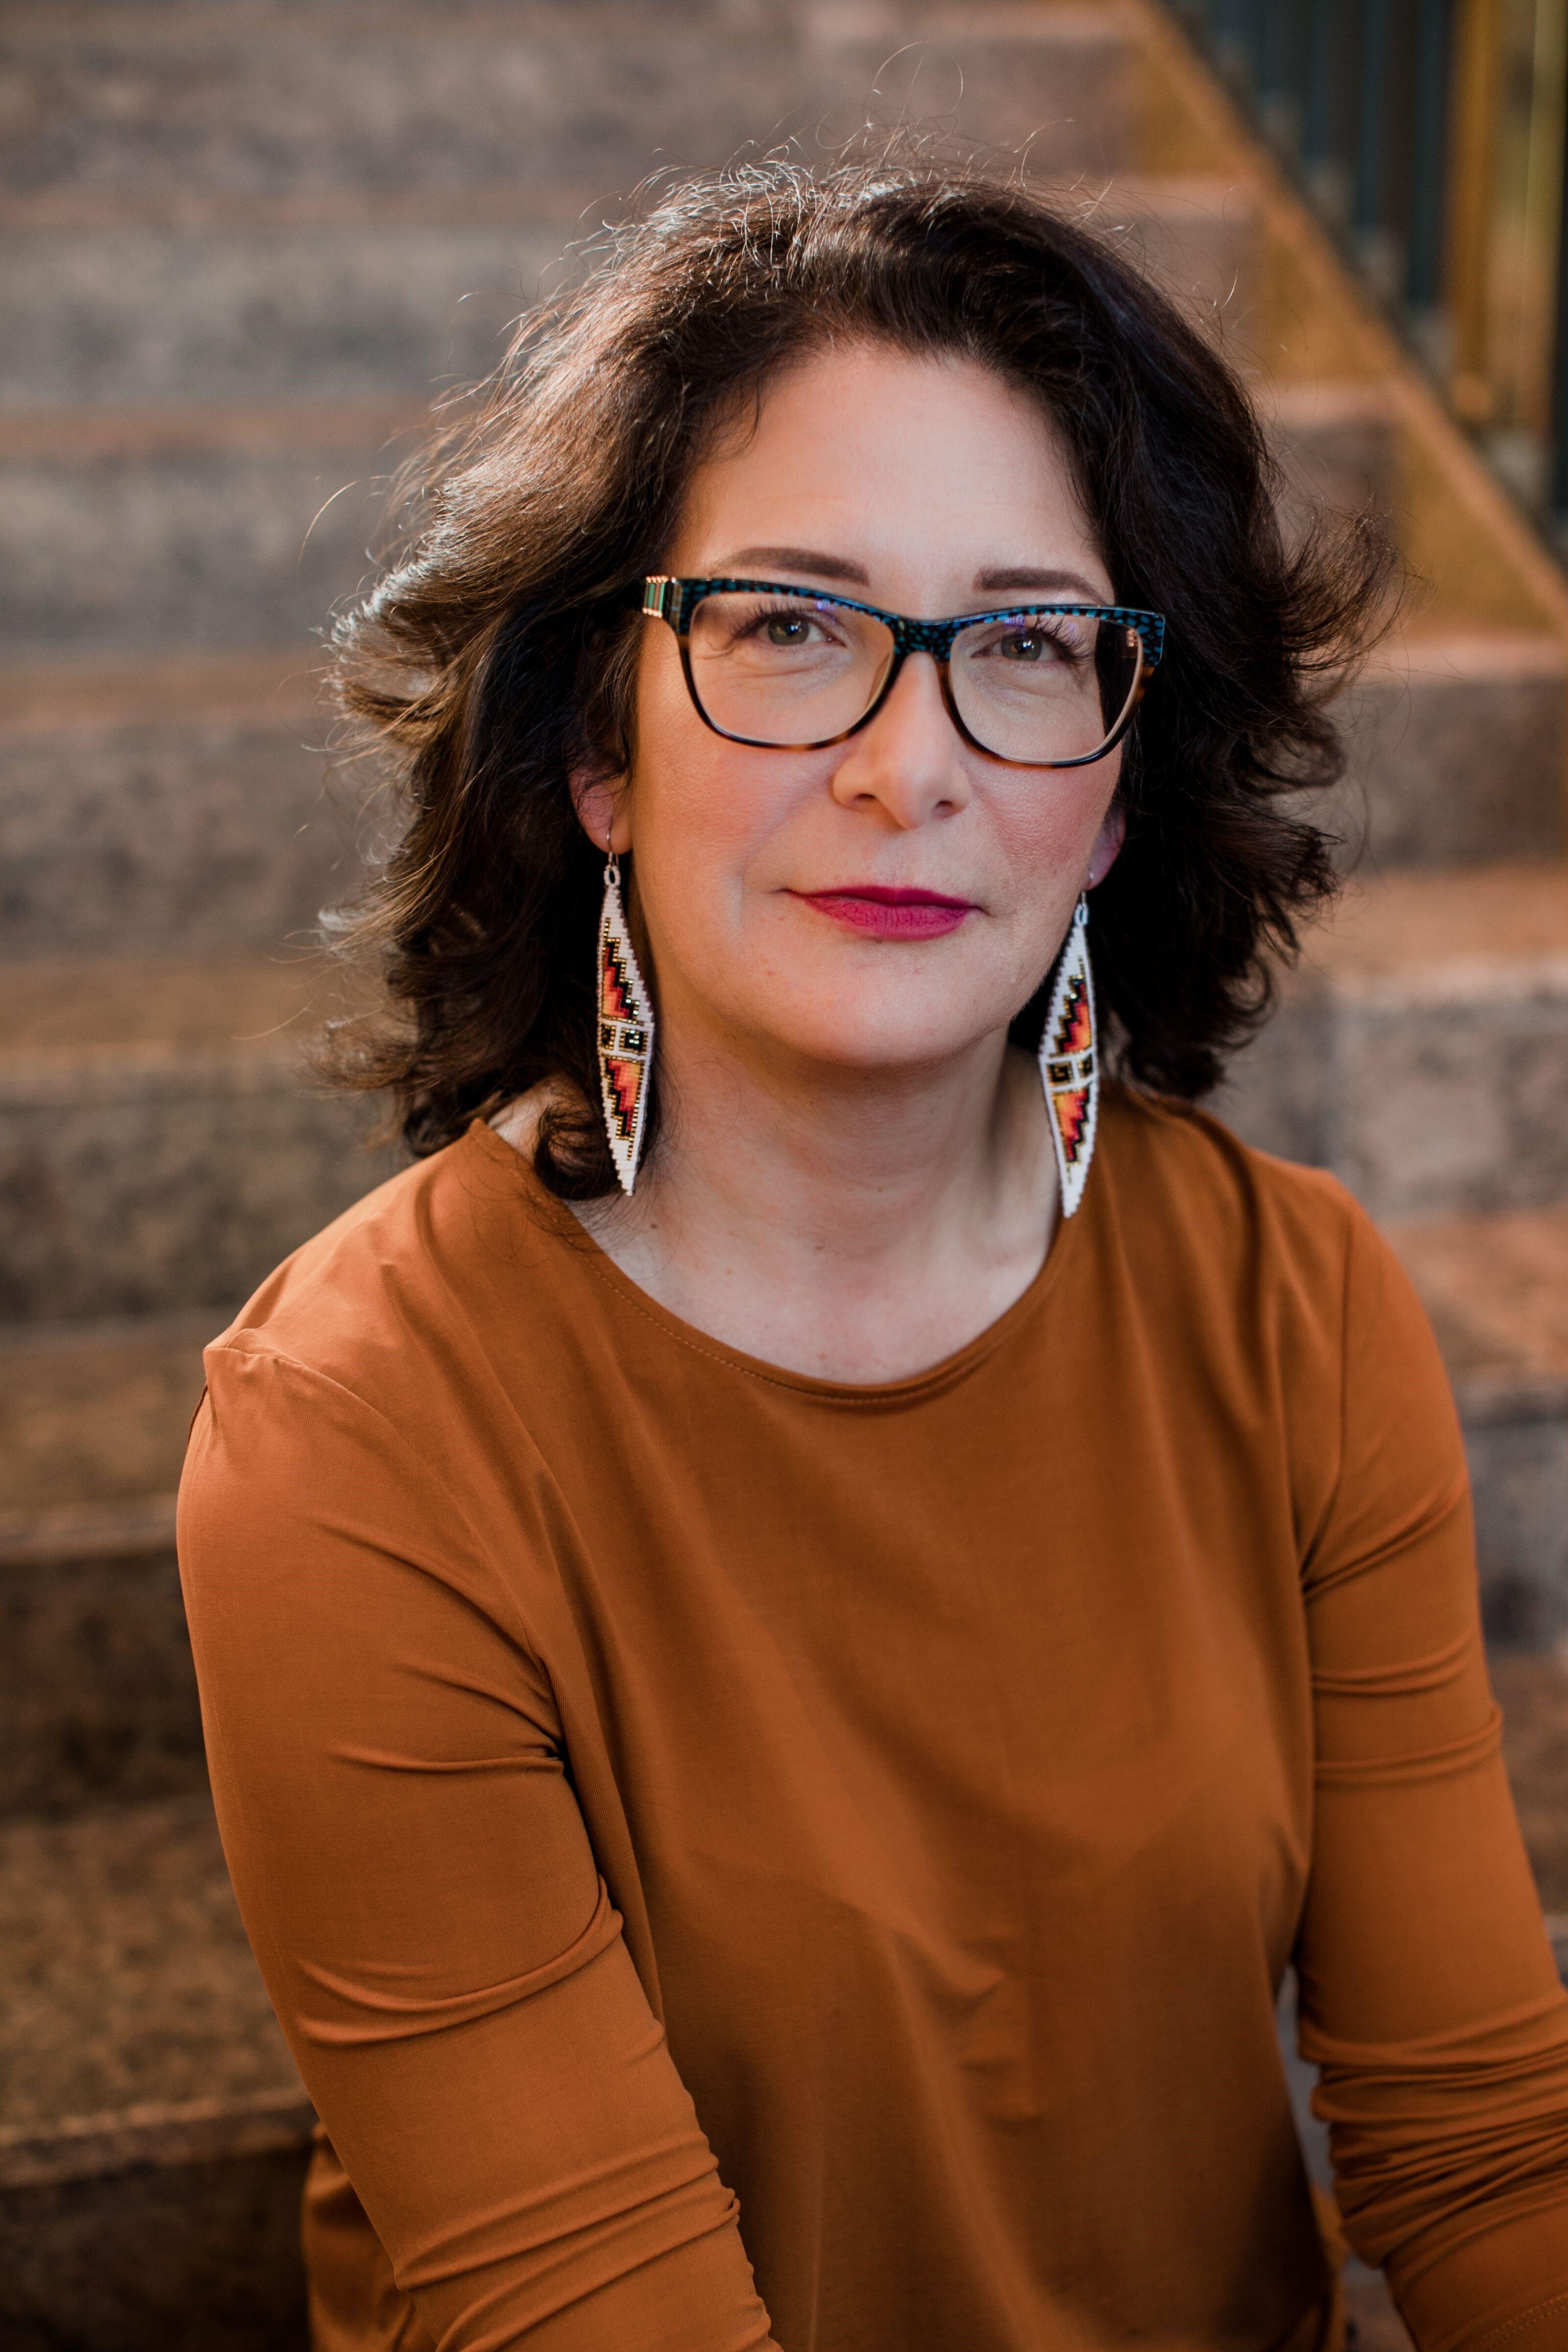 Victoria LaBillois